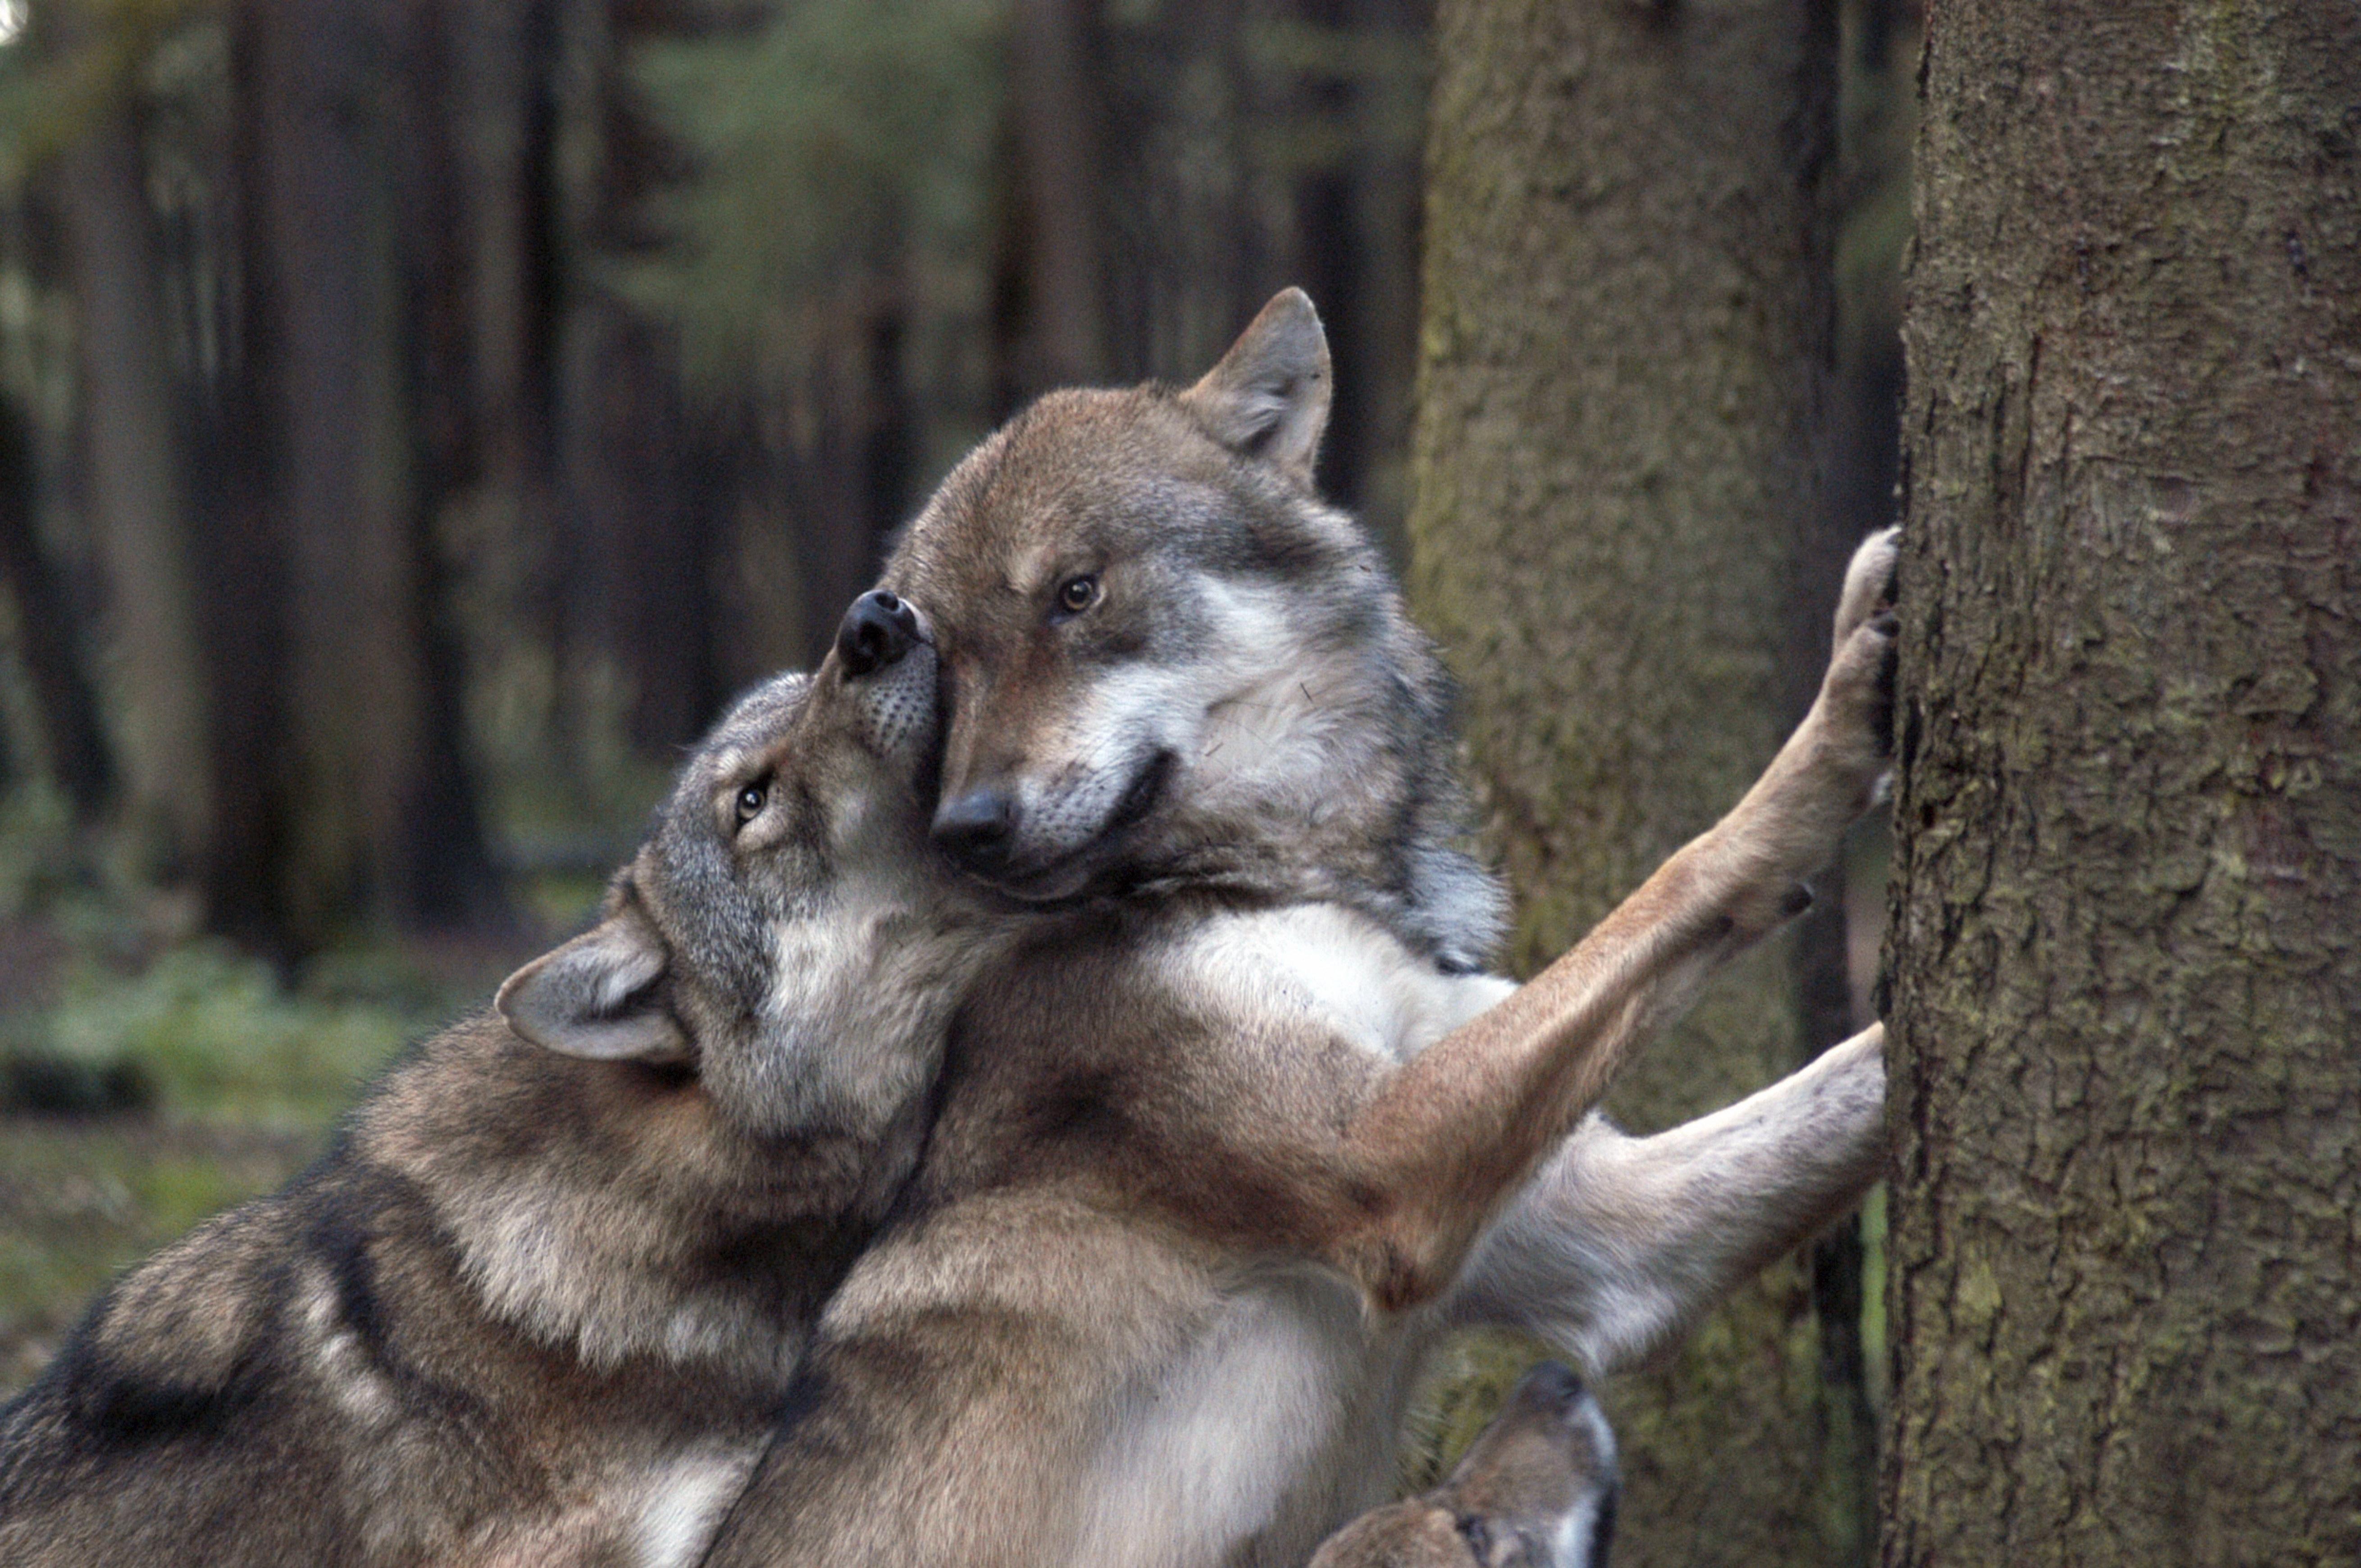 156768 Hintergrundbild herunterladen Spiele, Tiere, Wölfe, Wald - Bildschirmschoner und Bilder kostenlos